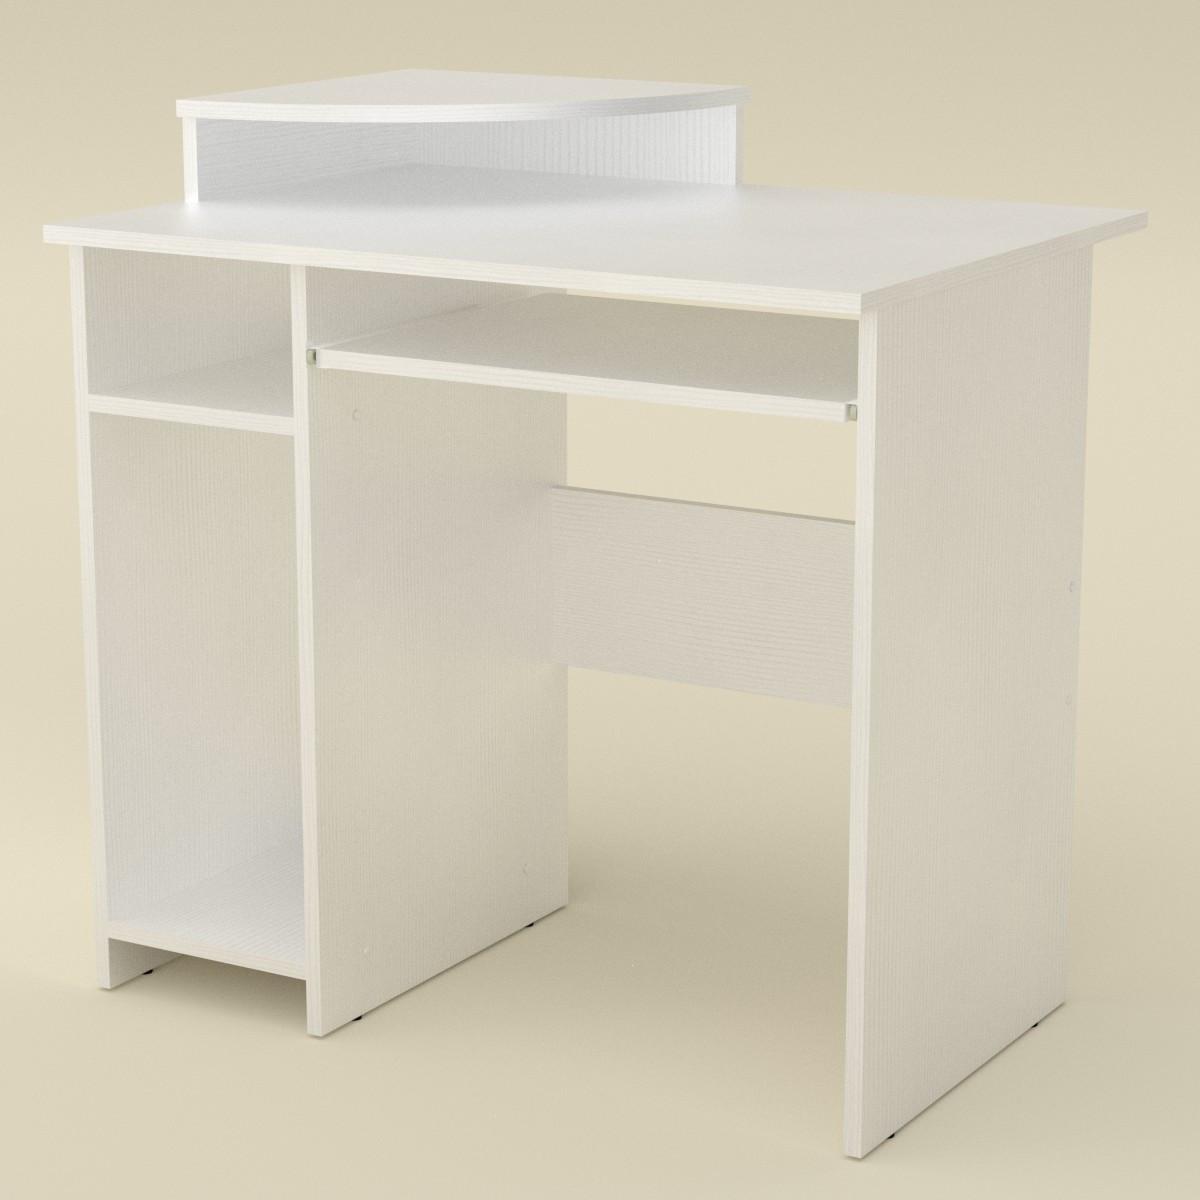 Стол компьютерный СКМ-1 альба Компанит